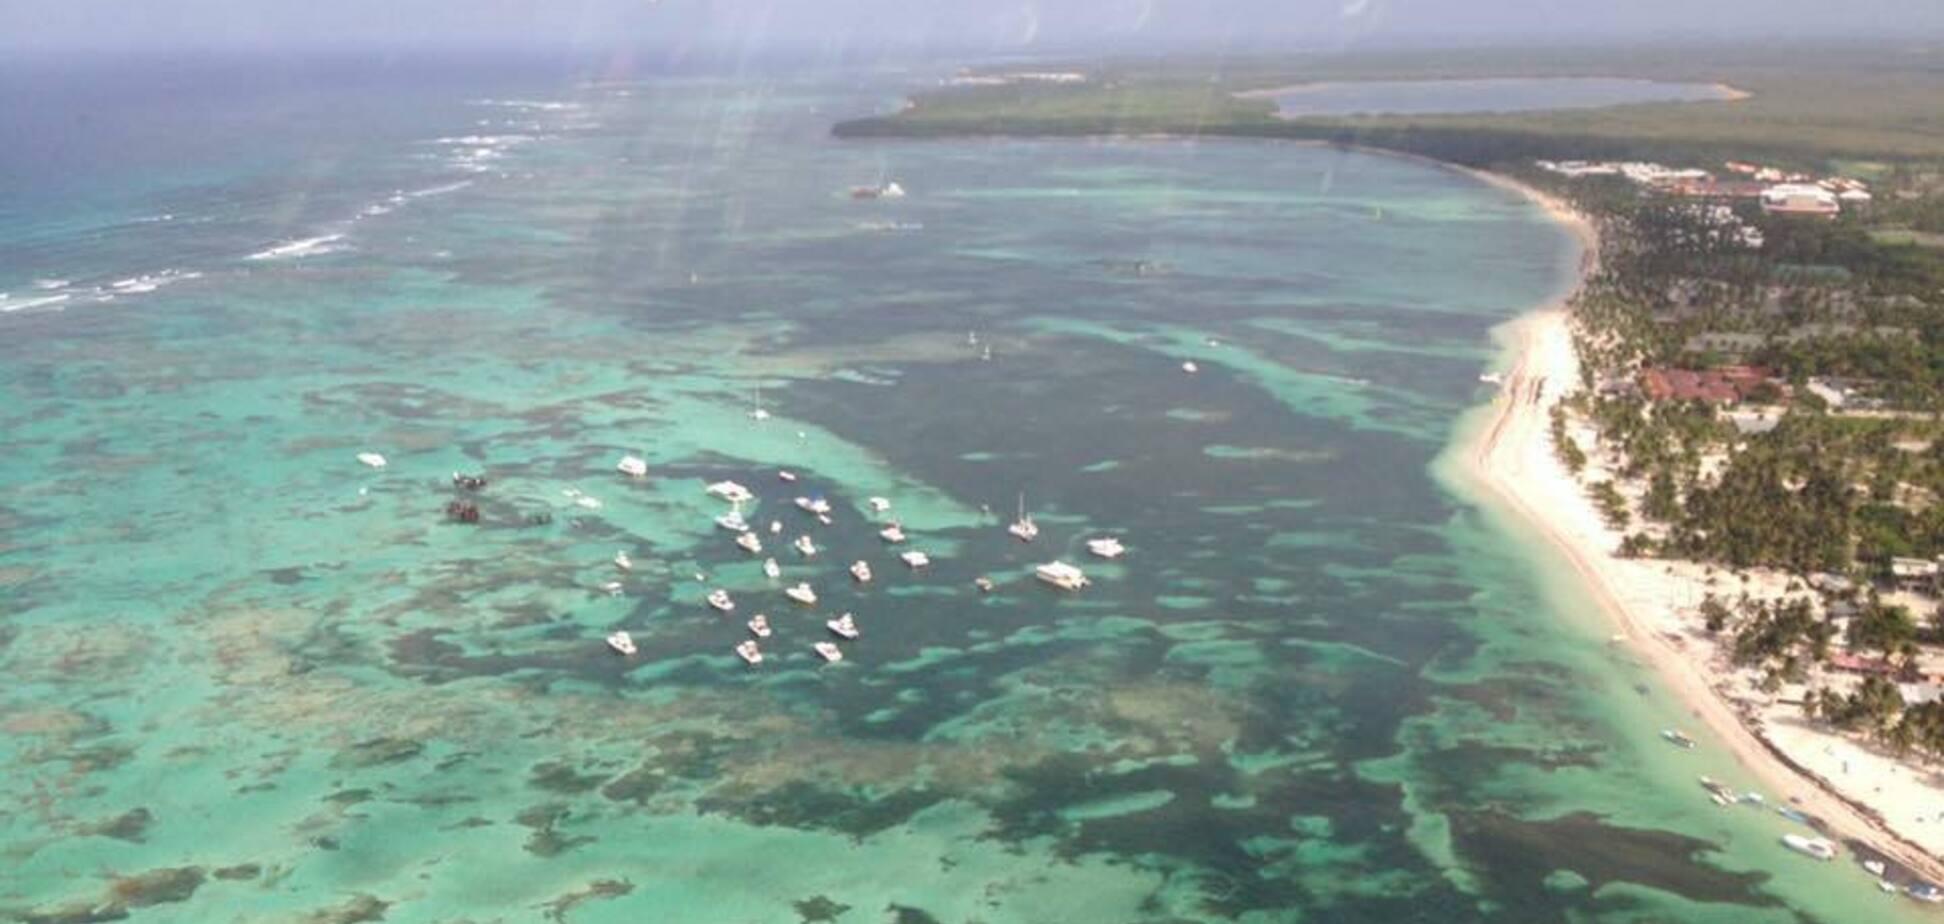 С высоты птичьего полета: в сети показали яркие фото из Доминиканской республики